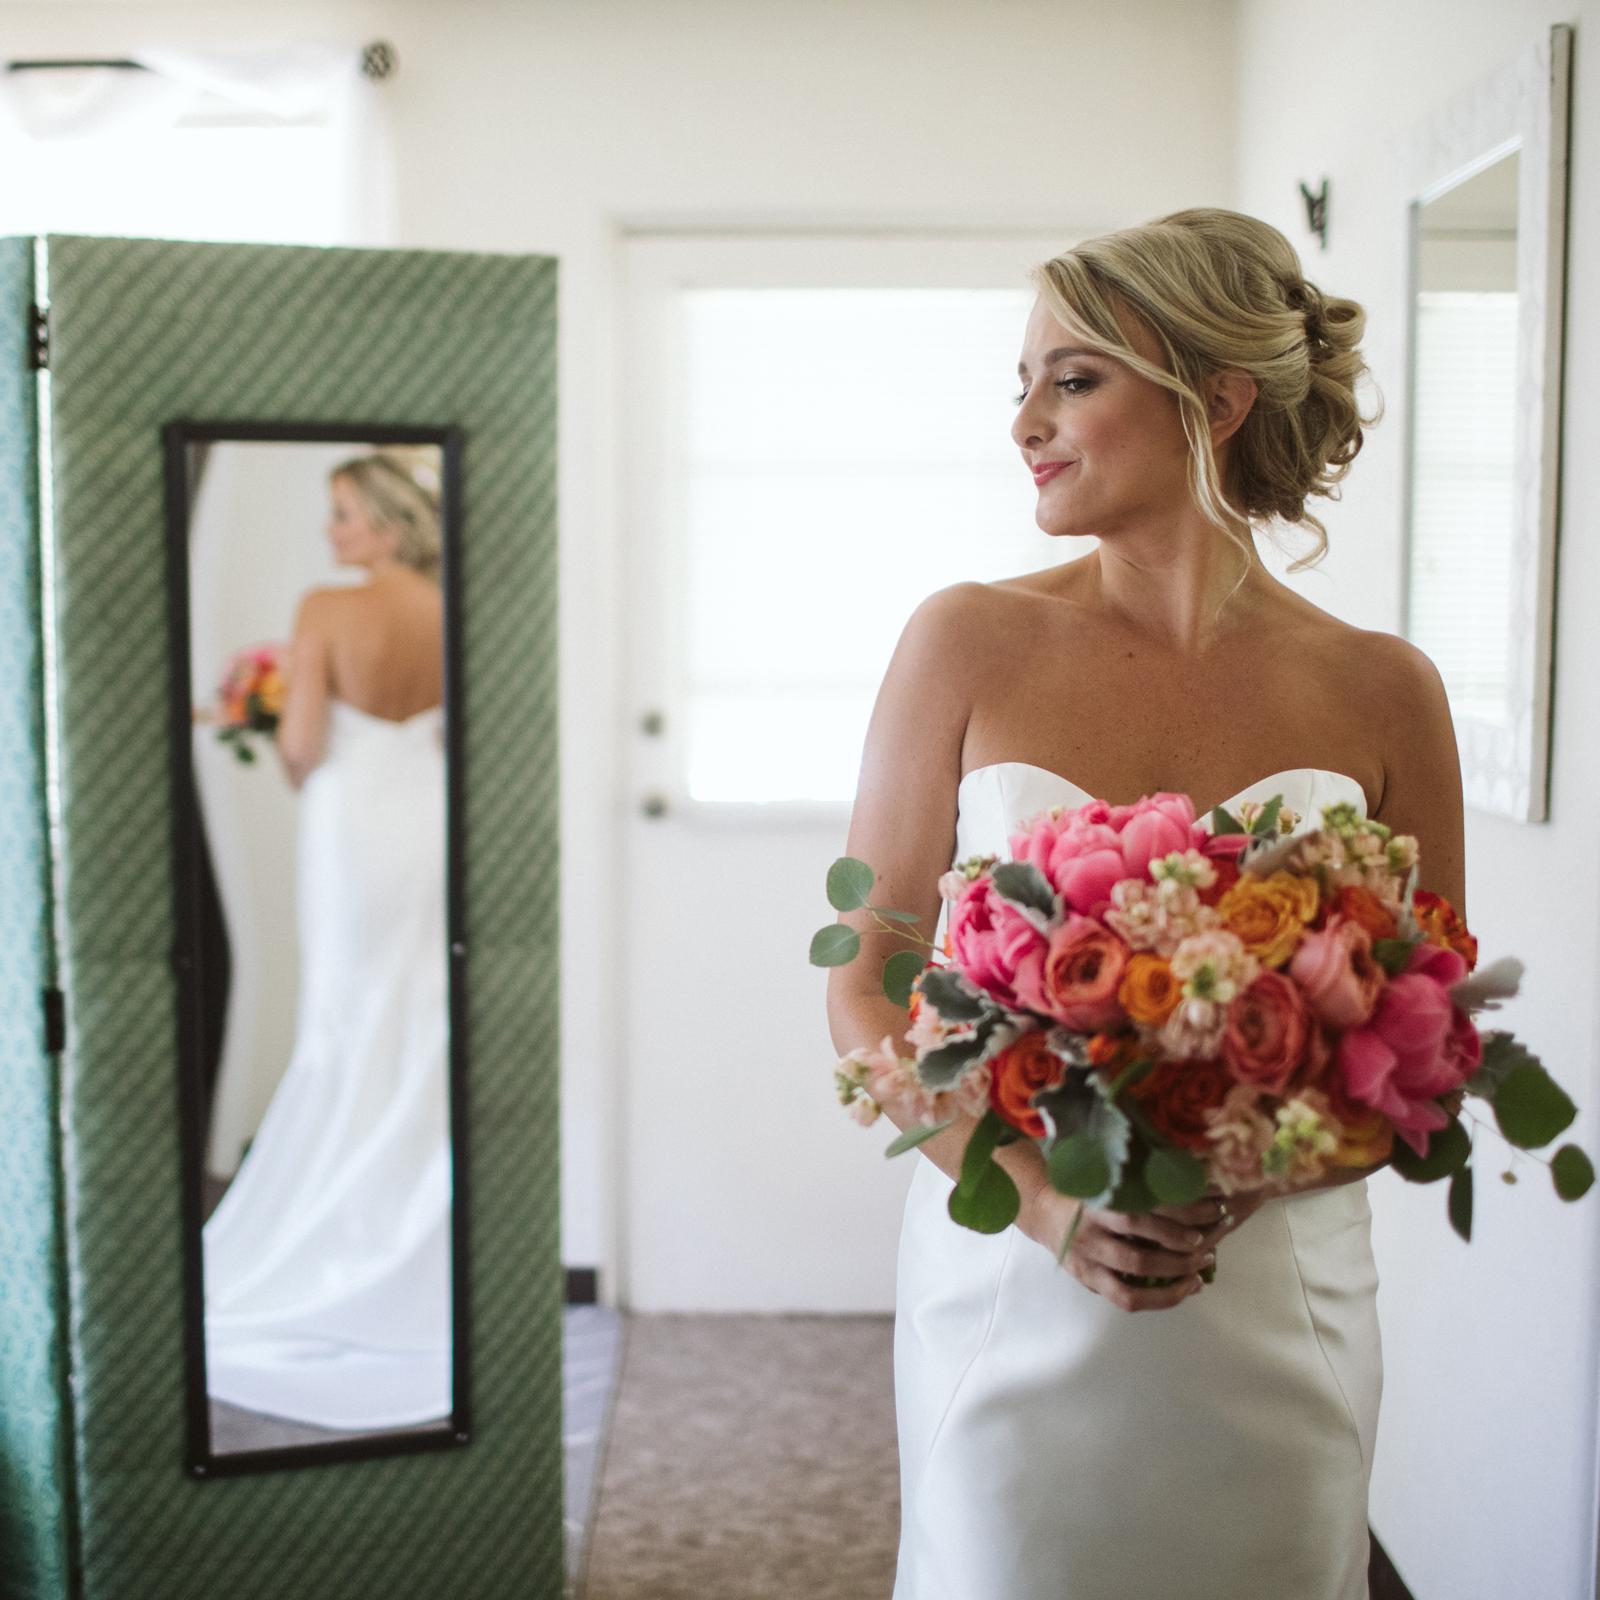 013-daronjackson-gabby-alec-wedding.jpg